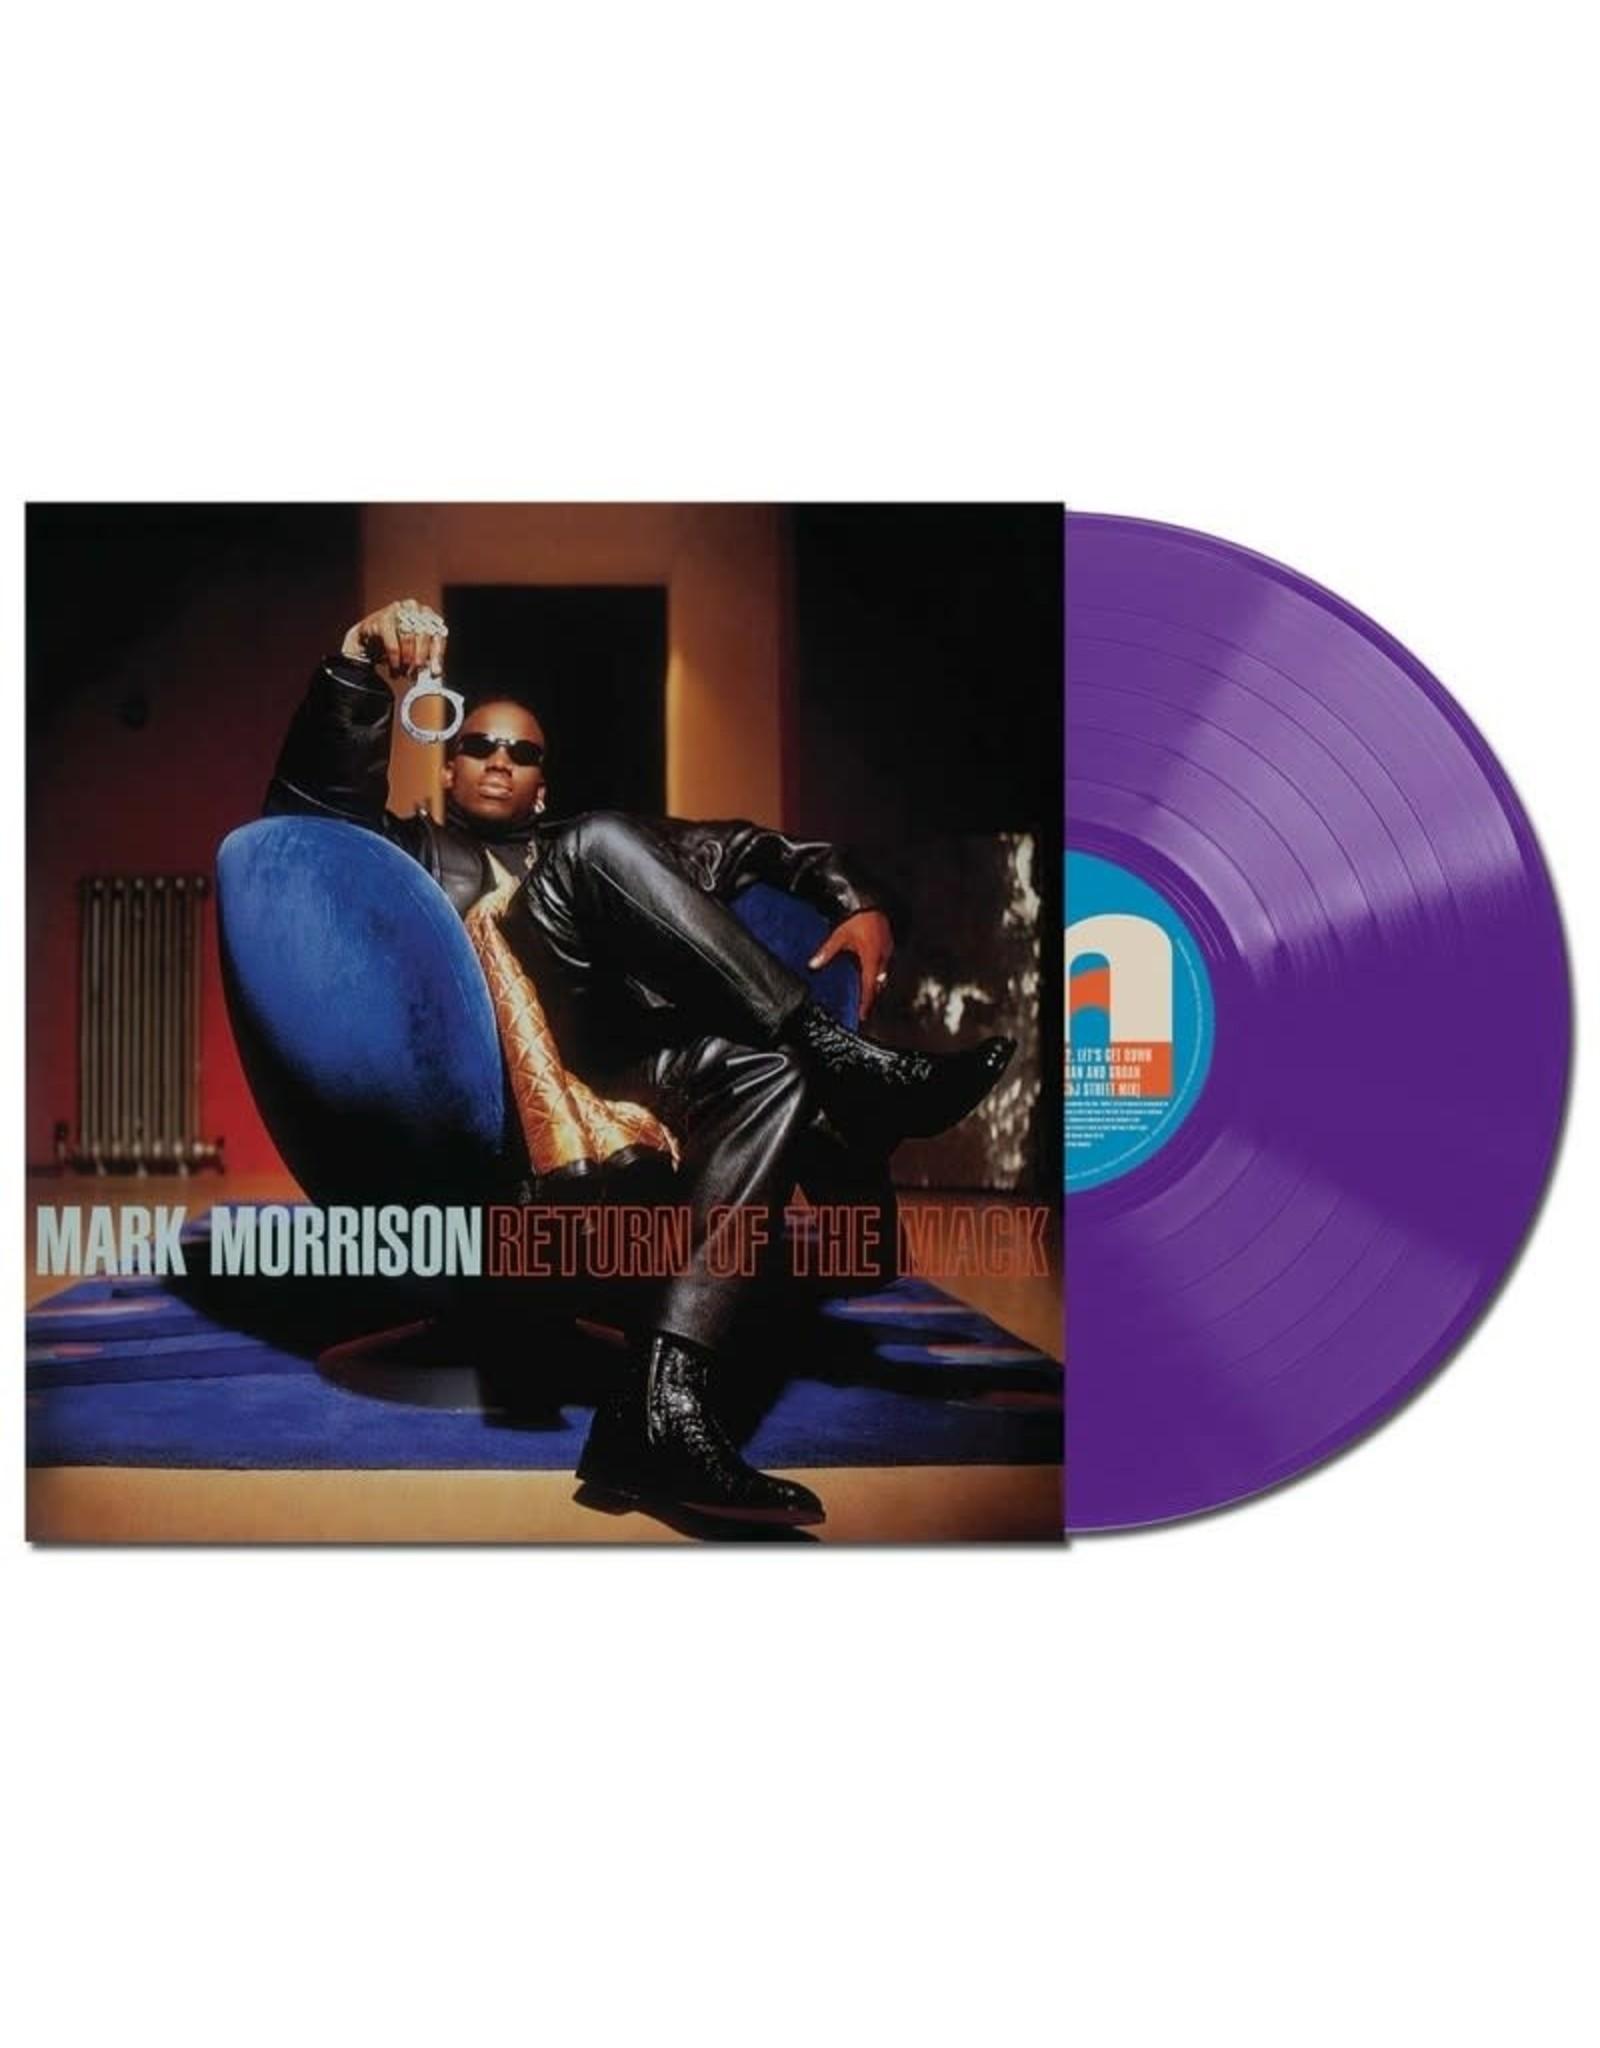 Morrison, Mark - Return Of The Mack LP (Purple Vinyl)